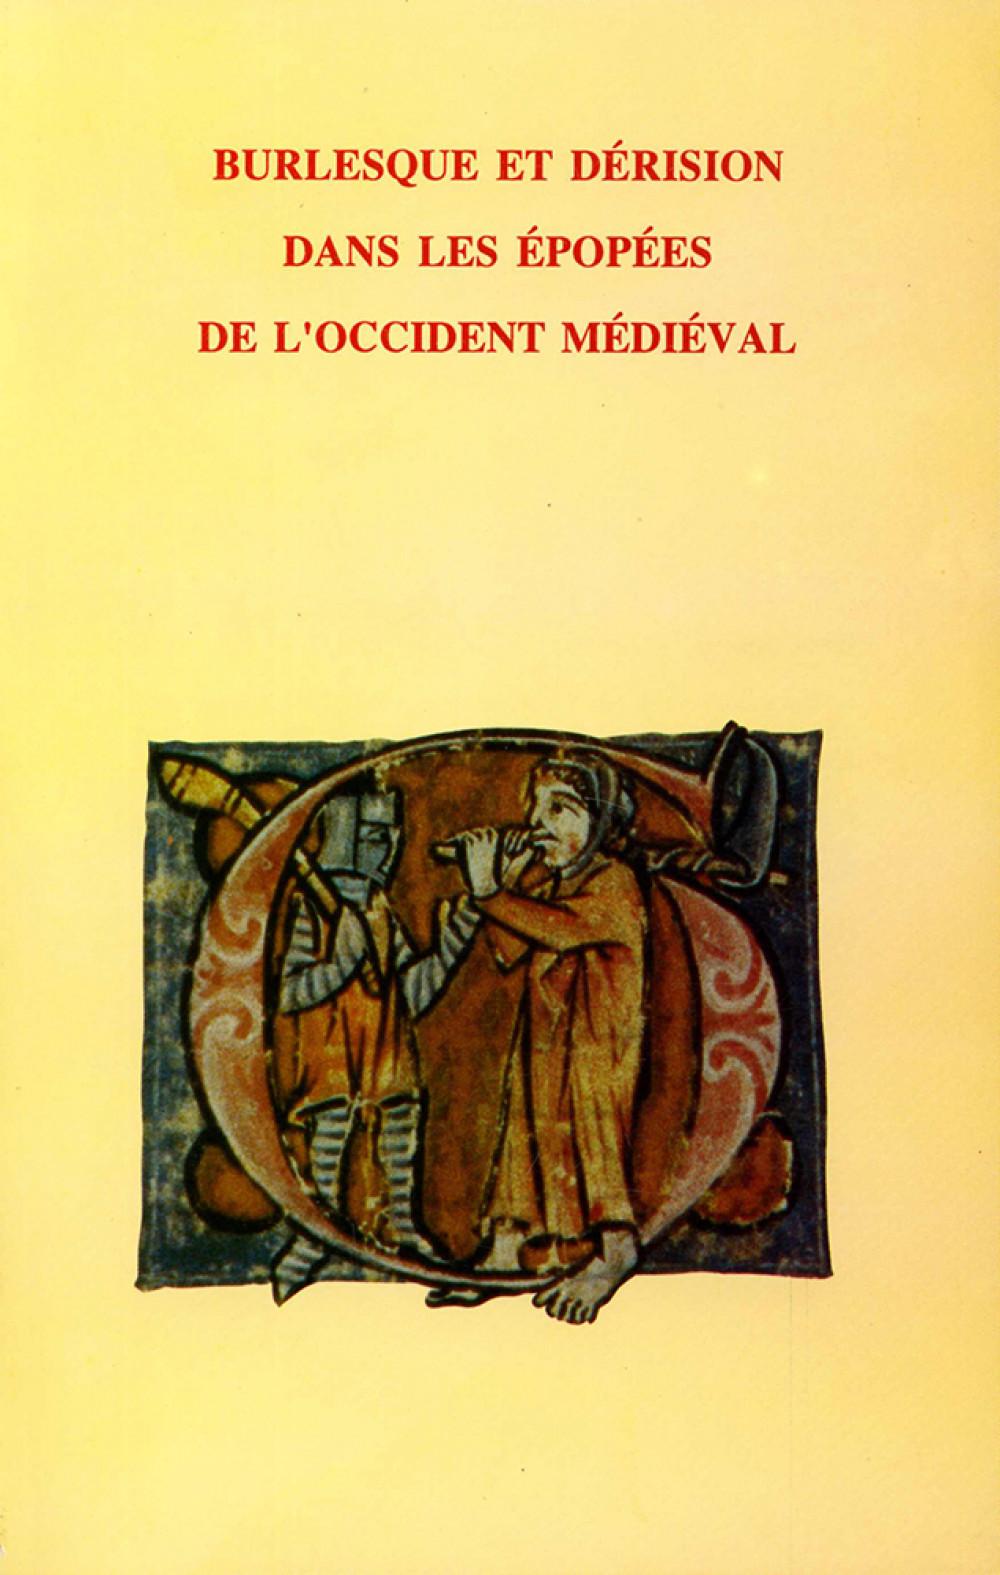 Burlesque et dérision dans les épopées de l'Occident médiéval